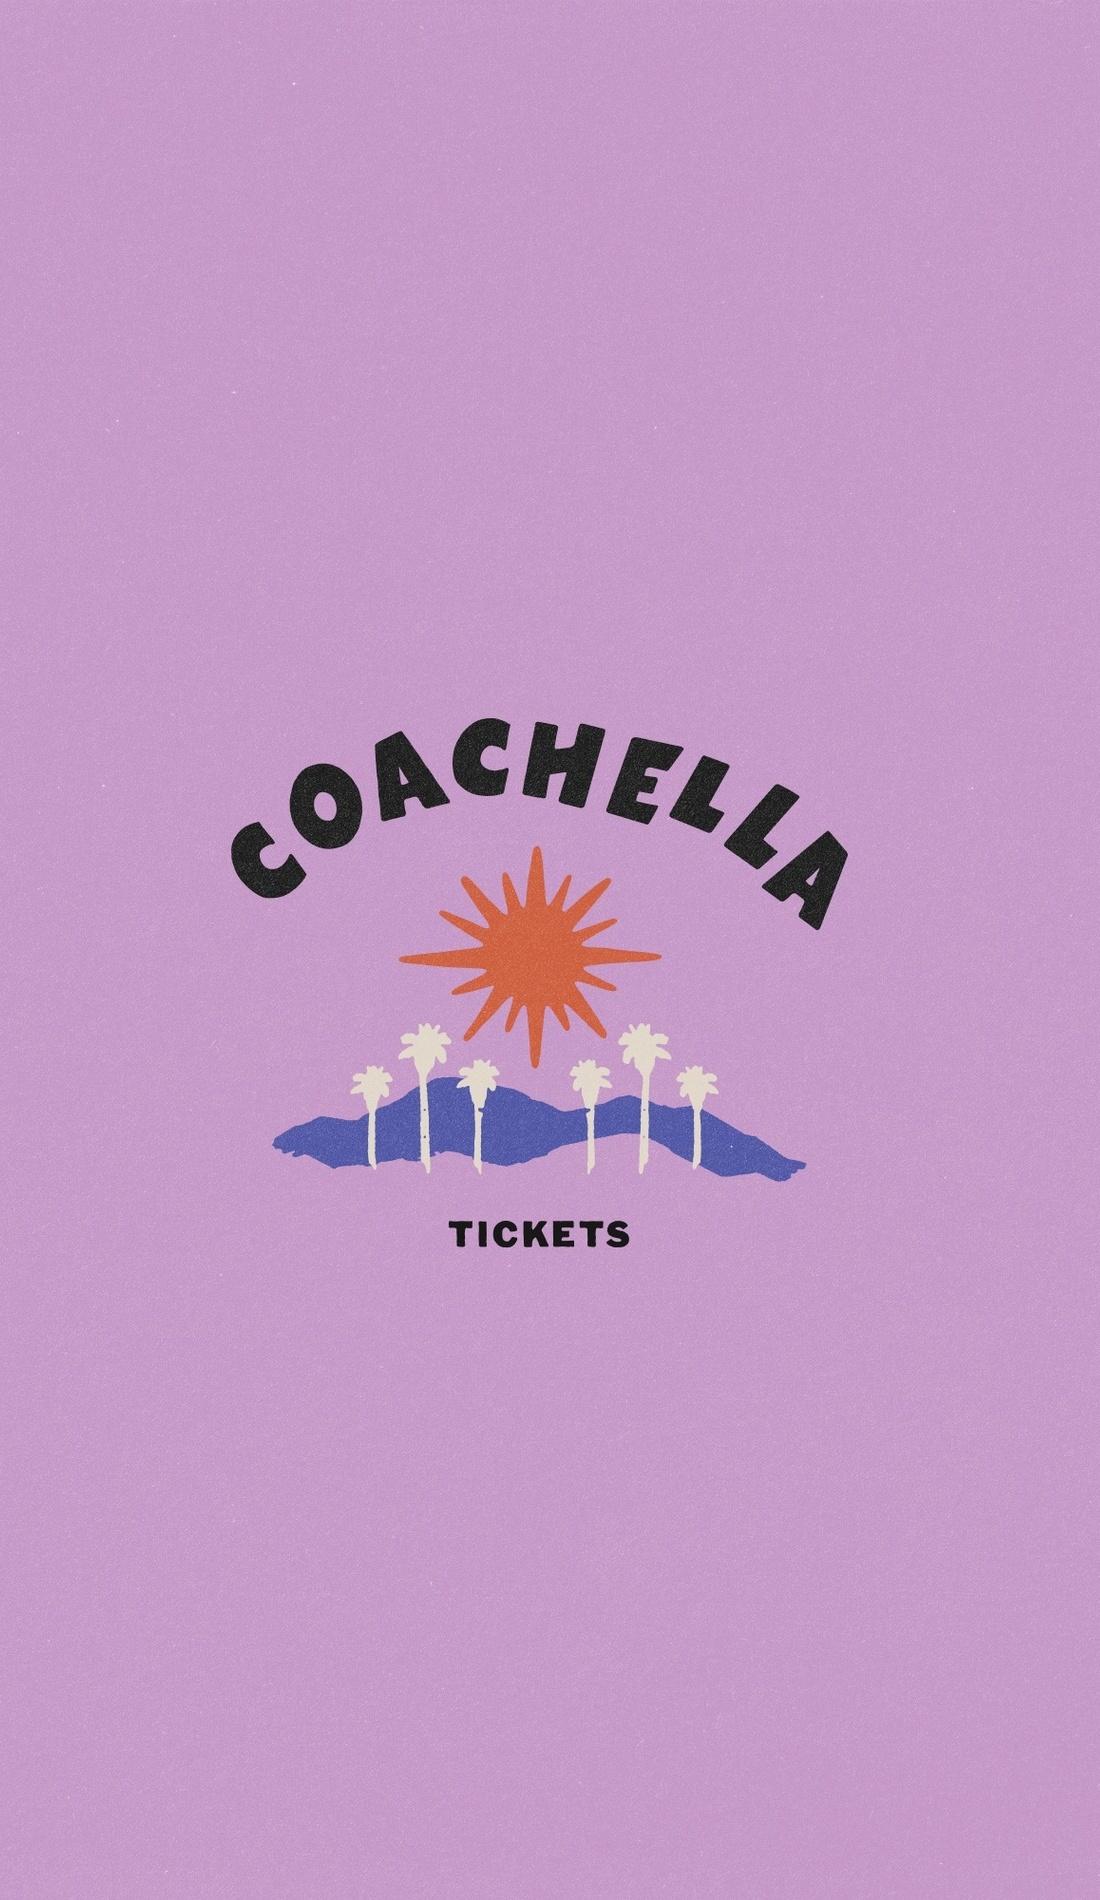 A Coachella Music and Arts Festival live event